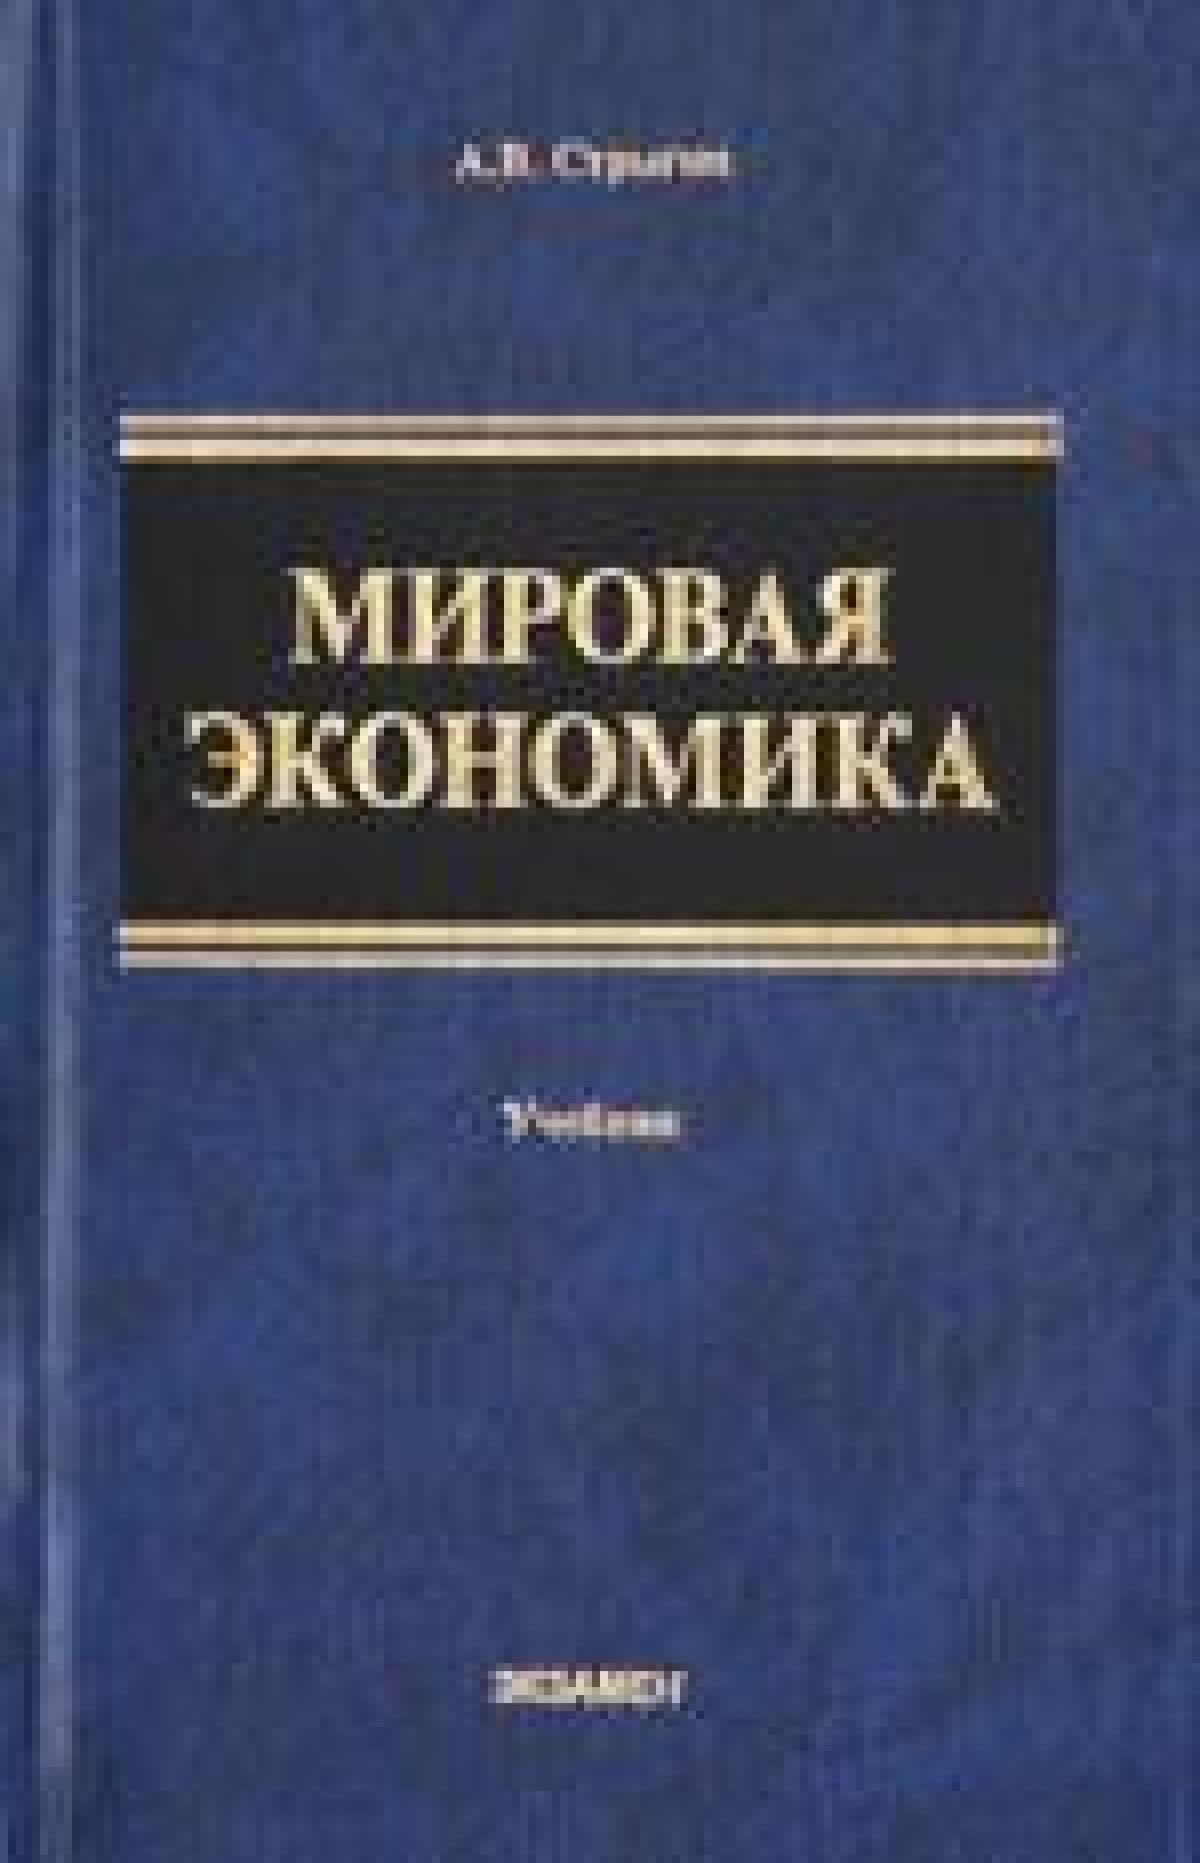 Обложка книги:  а.в. стрыгин - мировая экономика